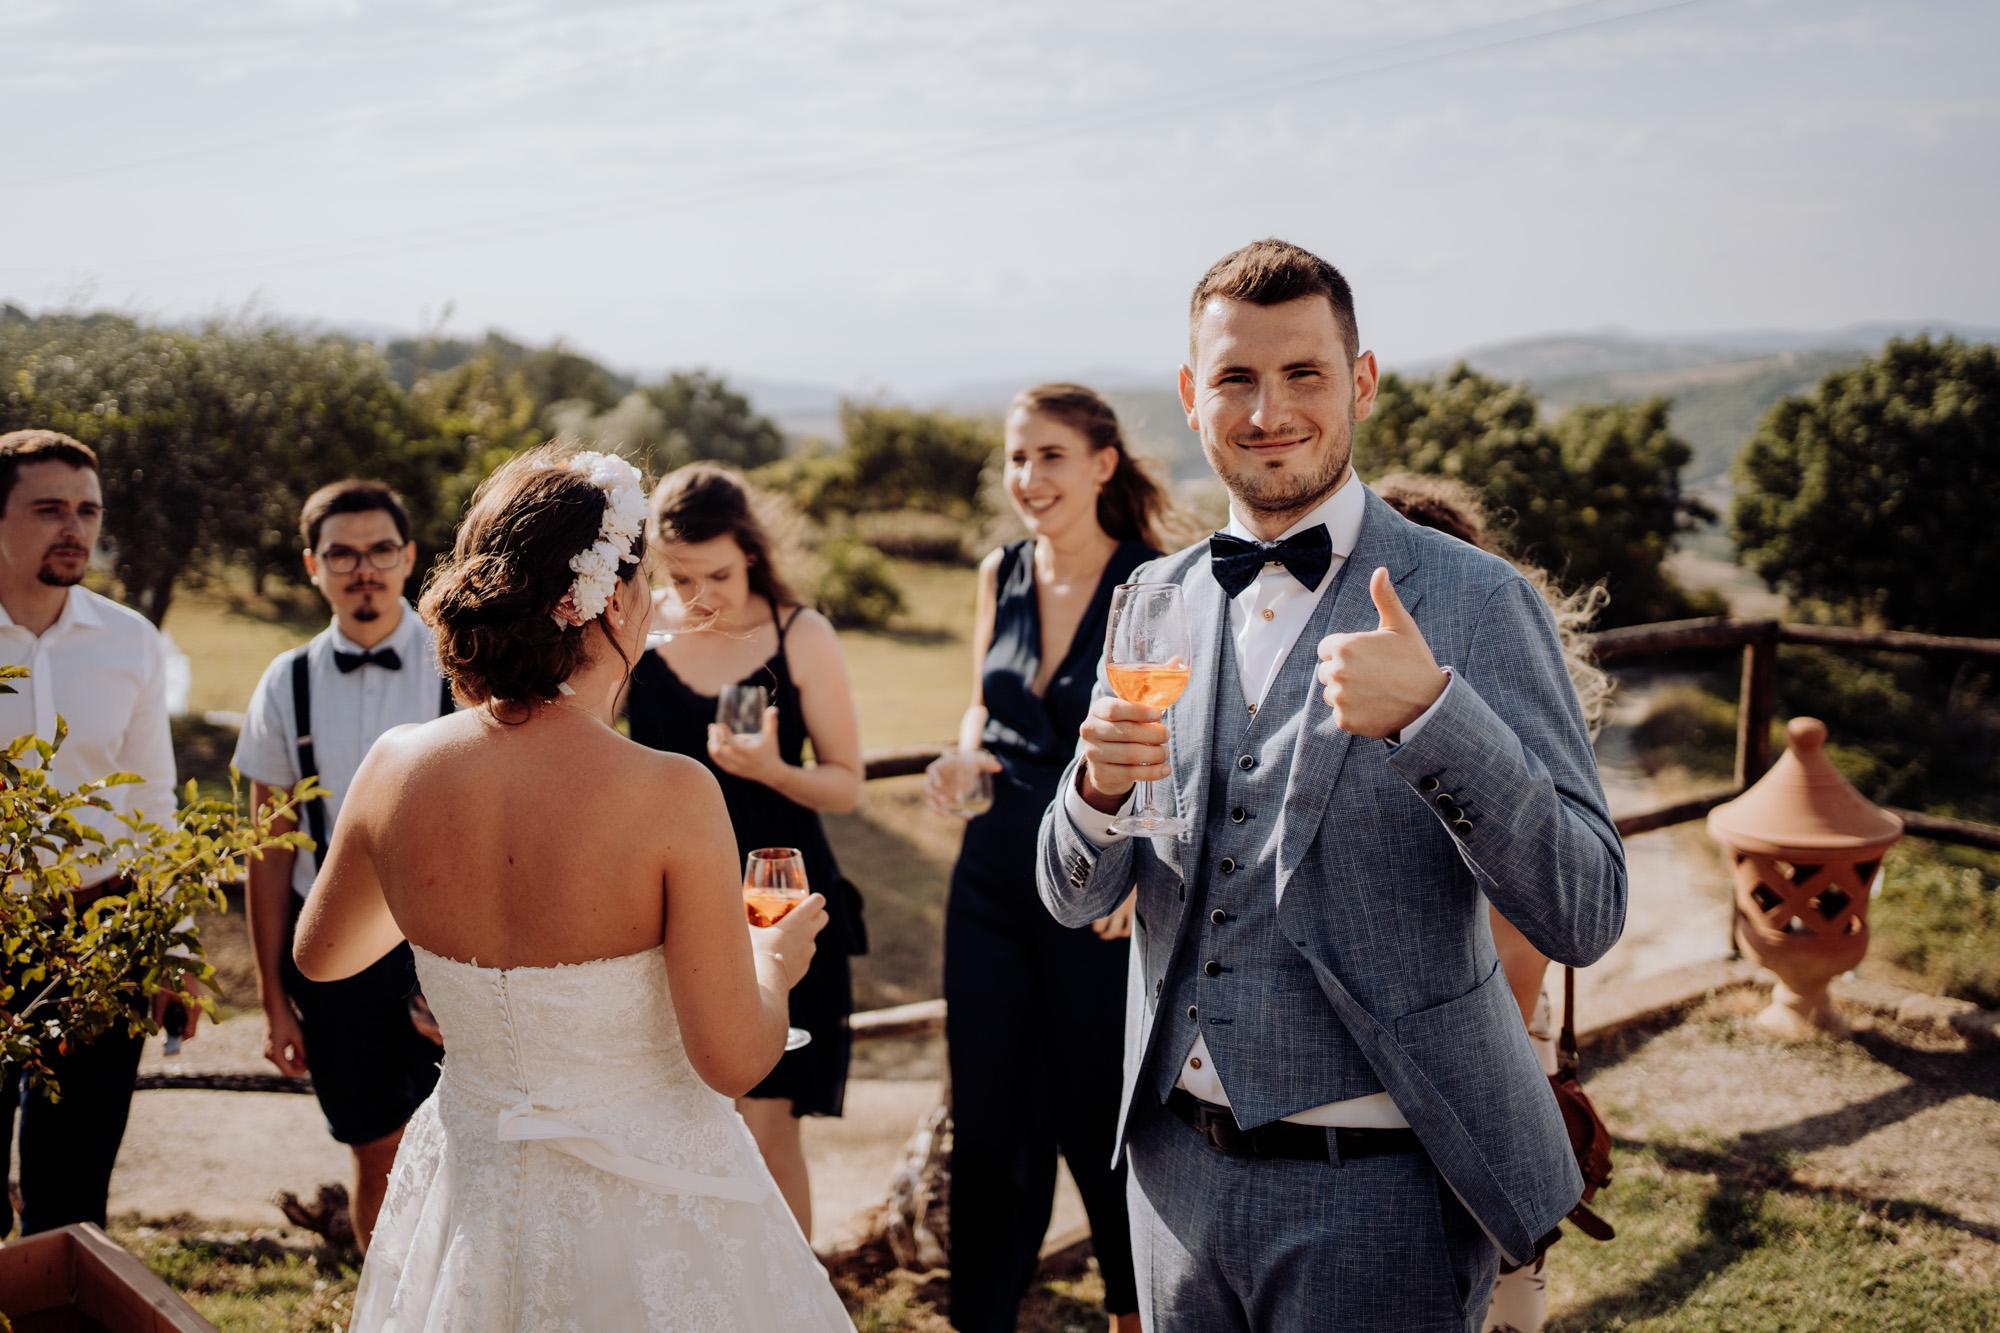 A7307734 - Hochzeit